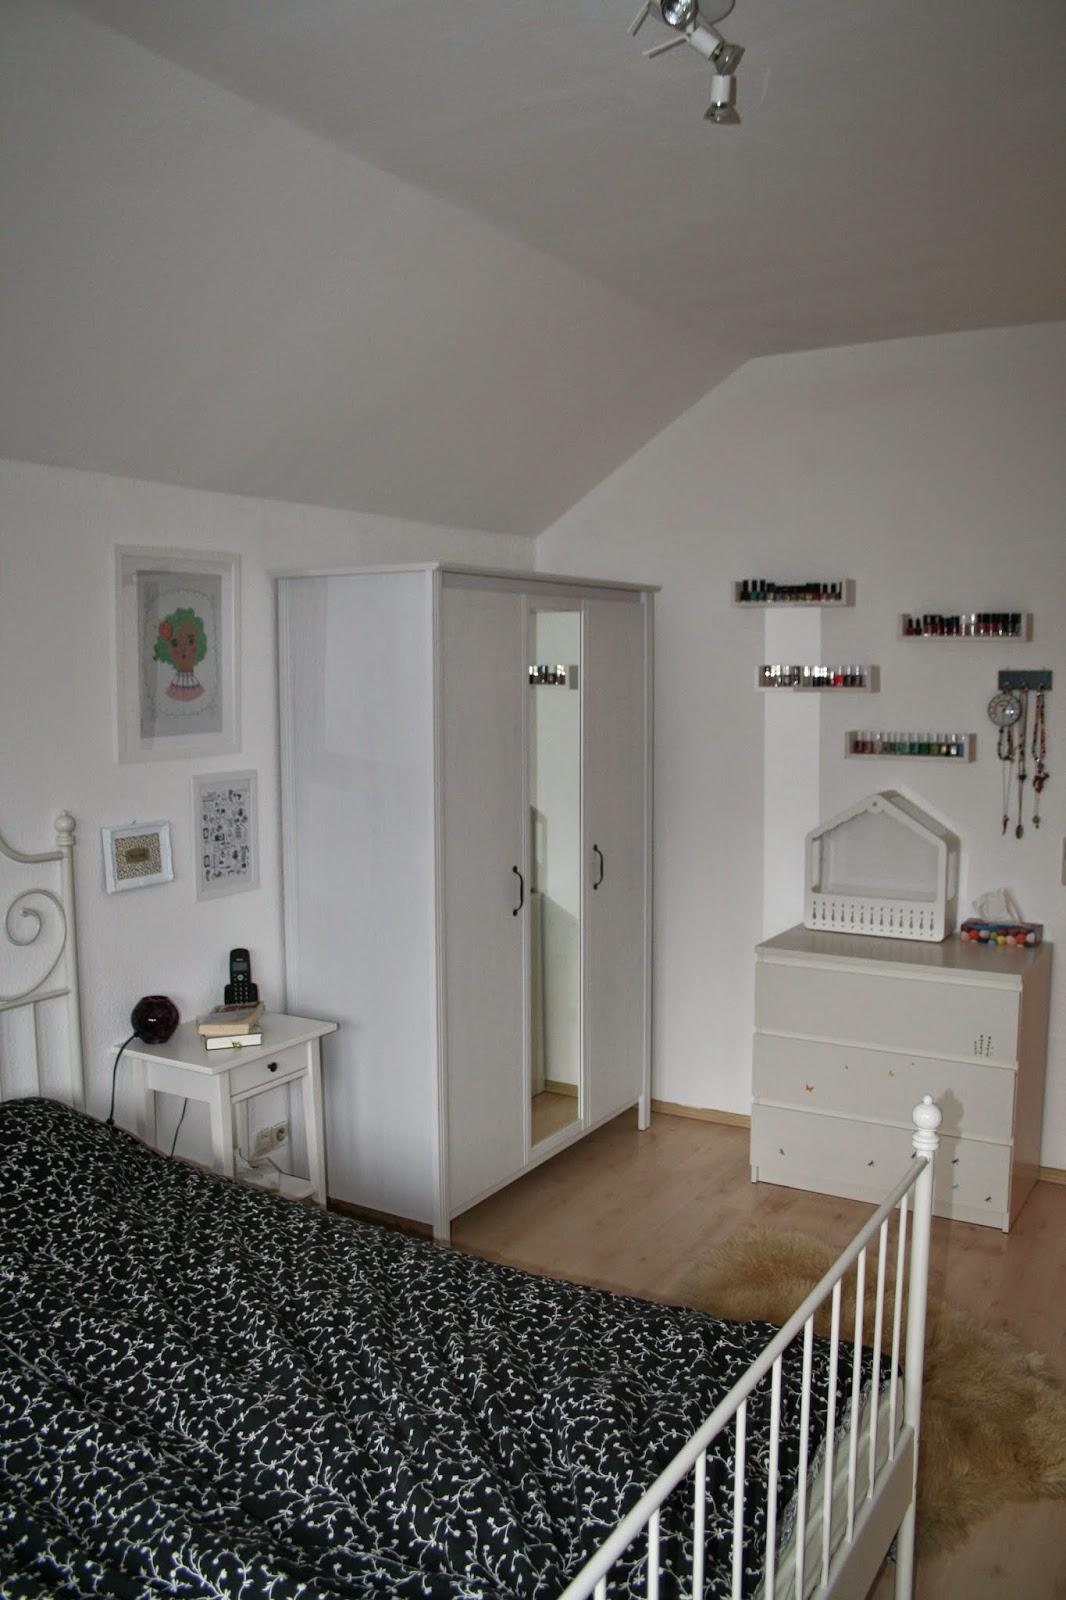 Nestbautrieb im schlafzimmer - Im schlafzimmer ...